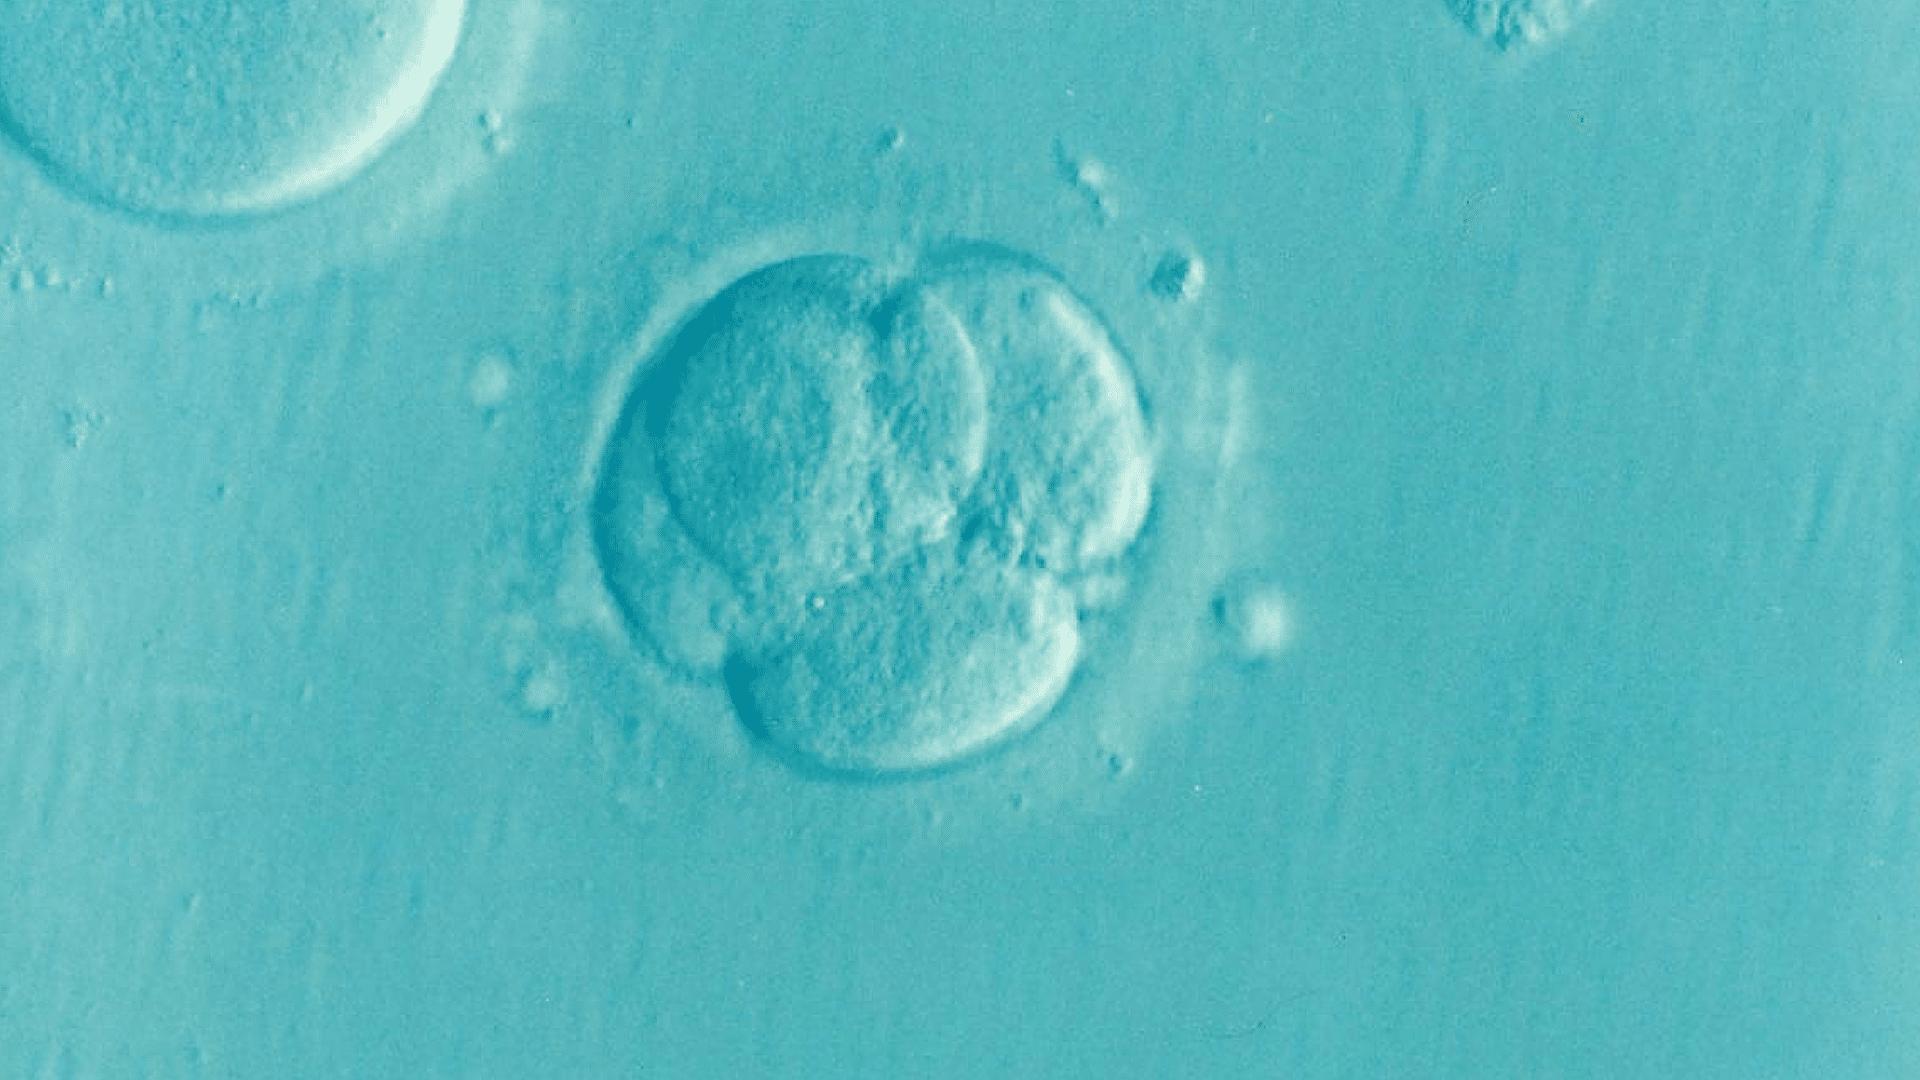 L'infertilité en hausse : soyez vigilant à certains facteurs comportementaux et environnementaux